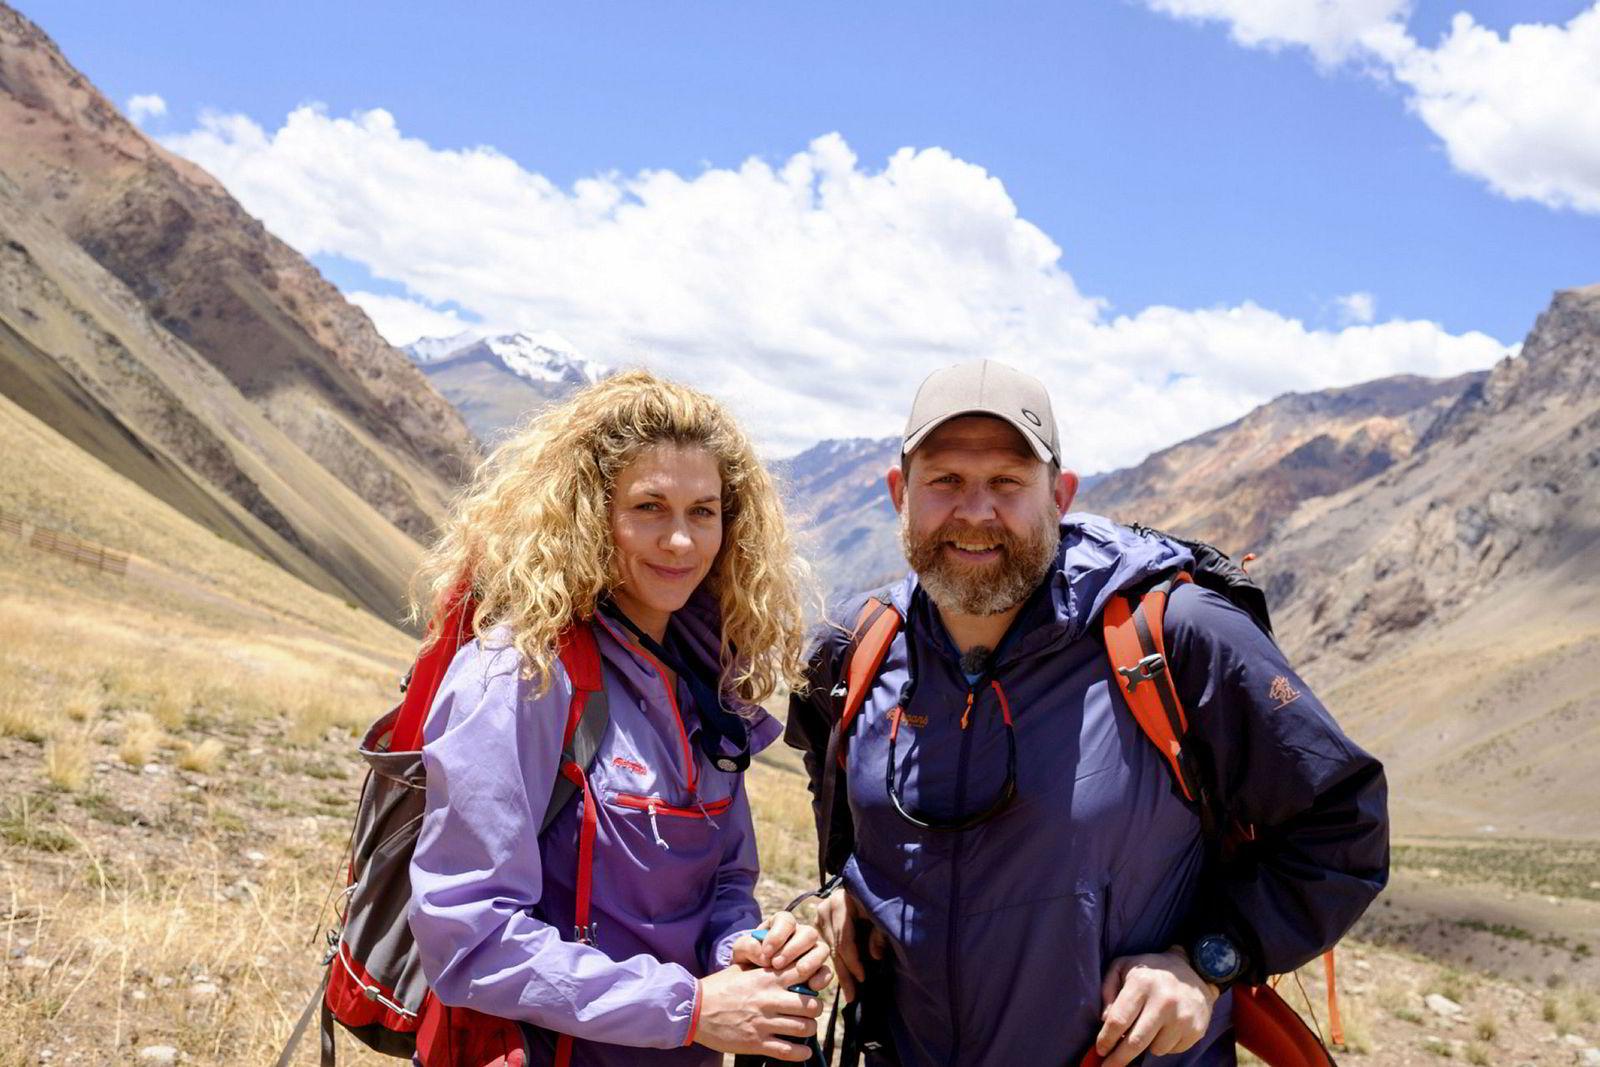 I tillegg til å arrangere turer, har Skog også vært på to ekspedisjoner sammen med tv-profilen Truls Svendsen. Begge er blitt til tv-programmet «Tjukken og Lillemor» på TV 2. I januar gikk ferden til Andesfjellene og topptur opp fjellet Aconcagua.